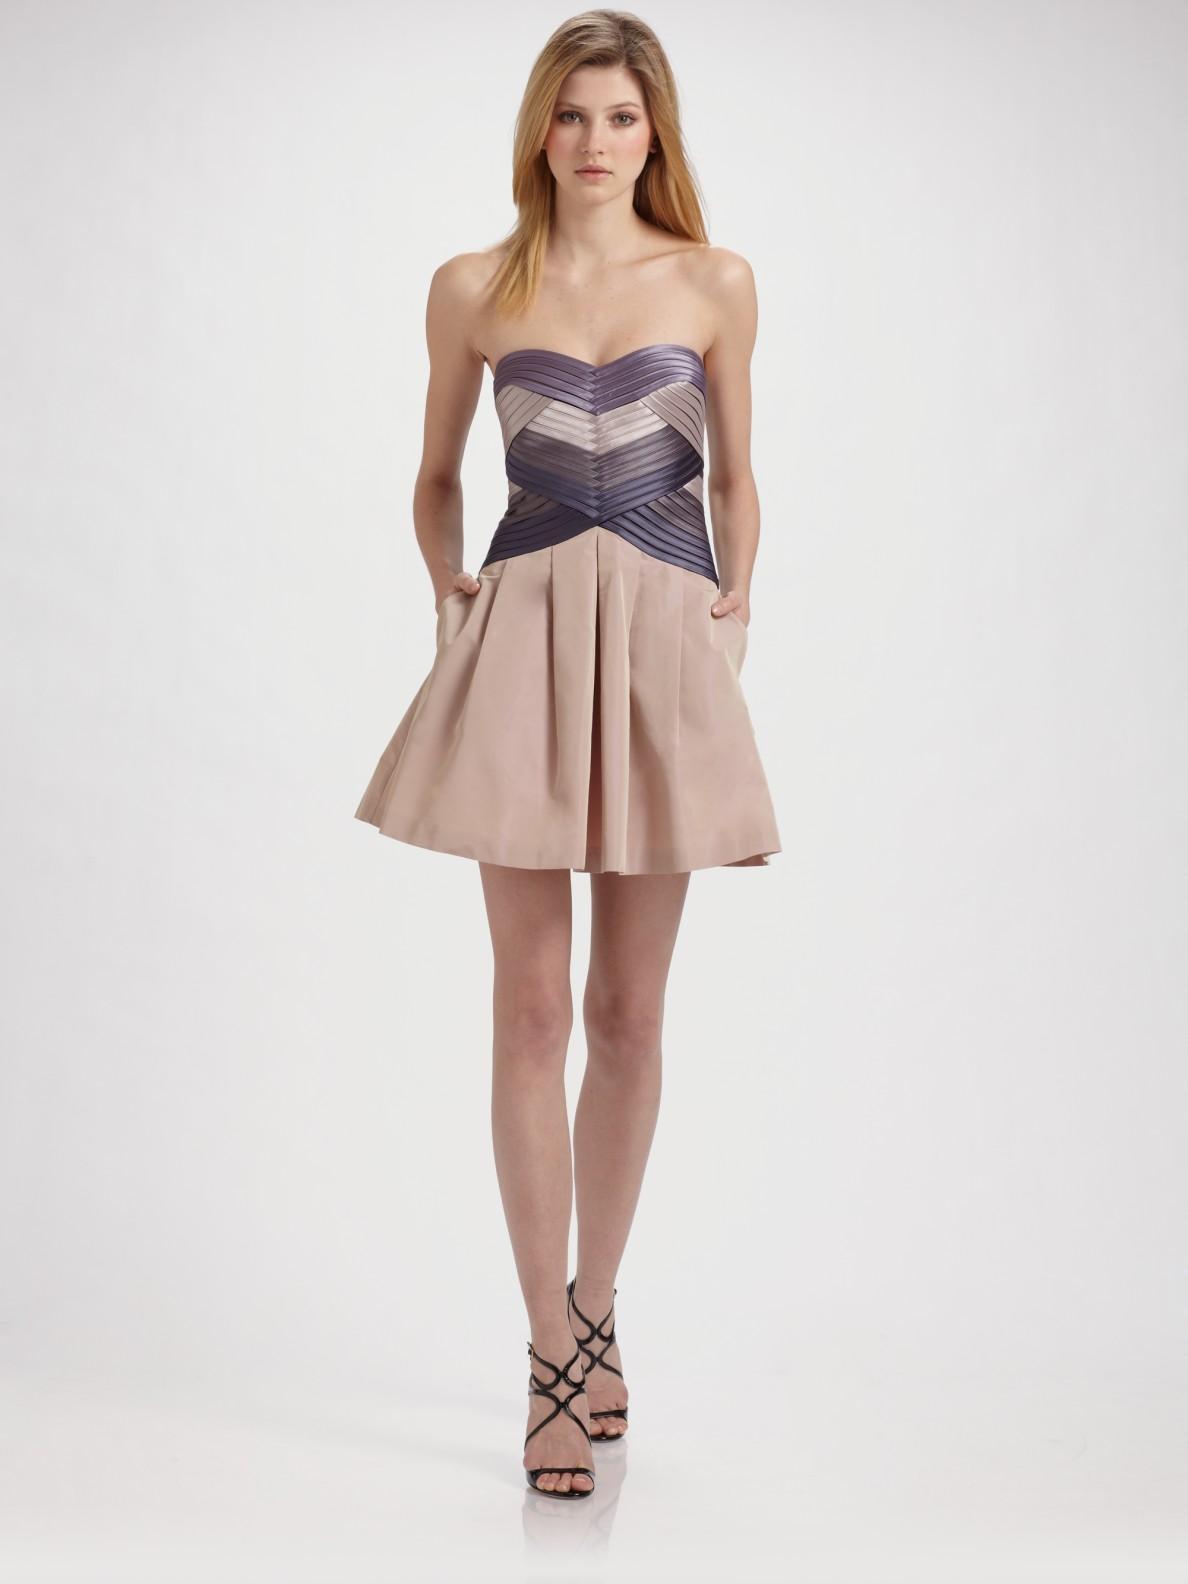 Strapless Beige Dress